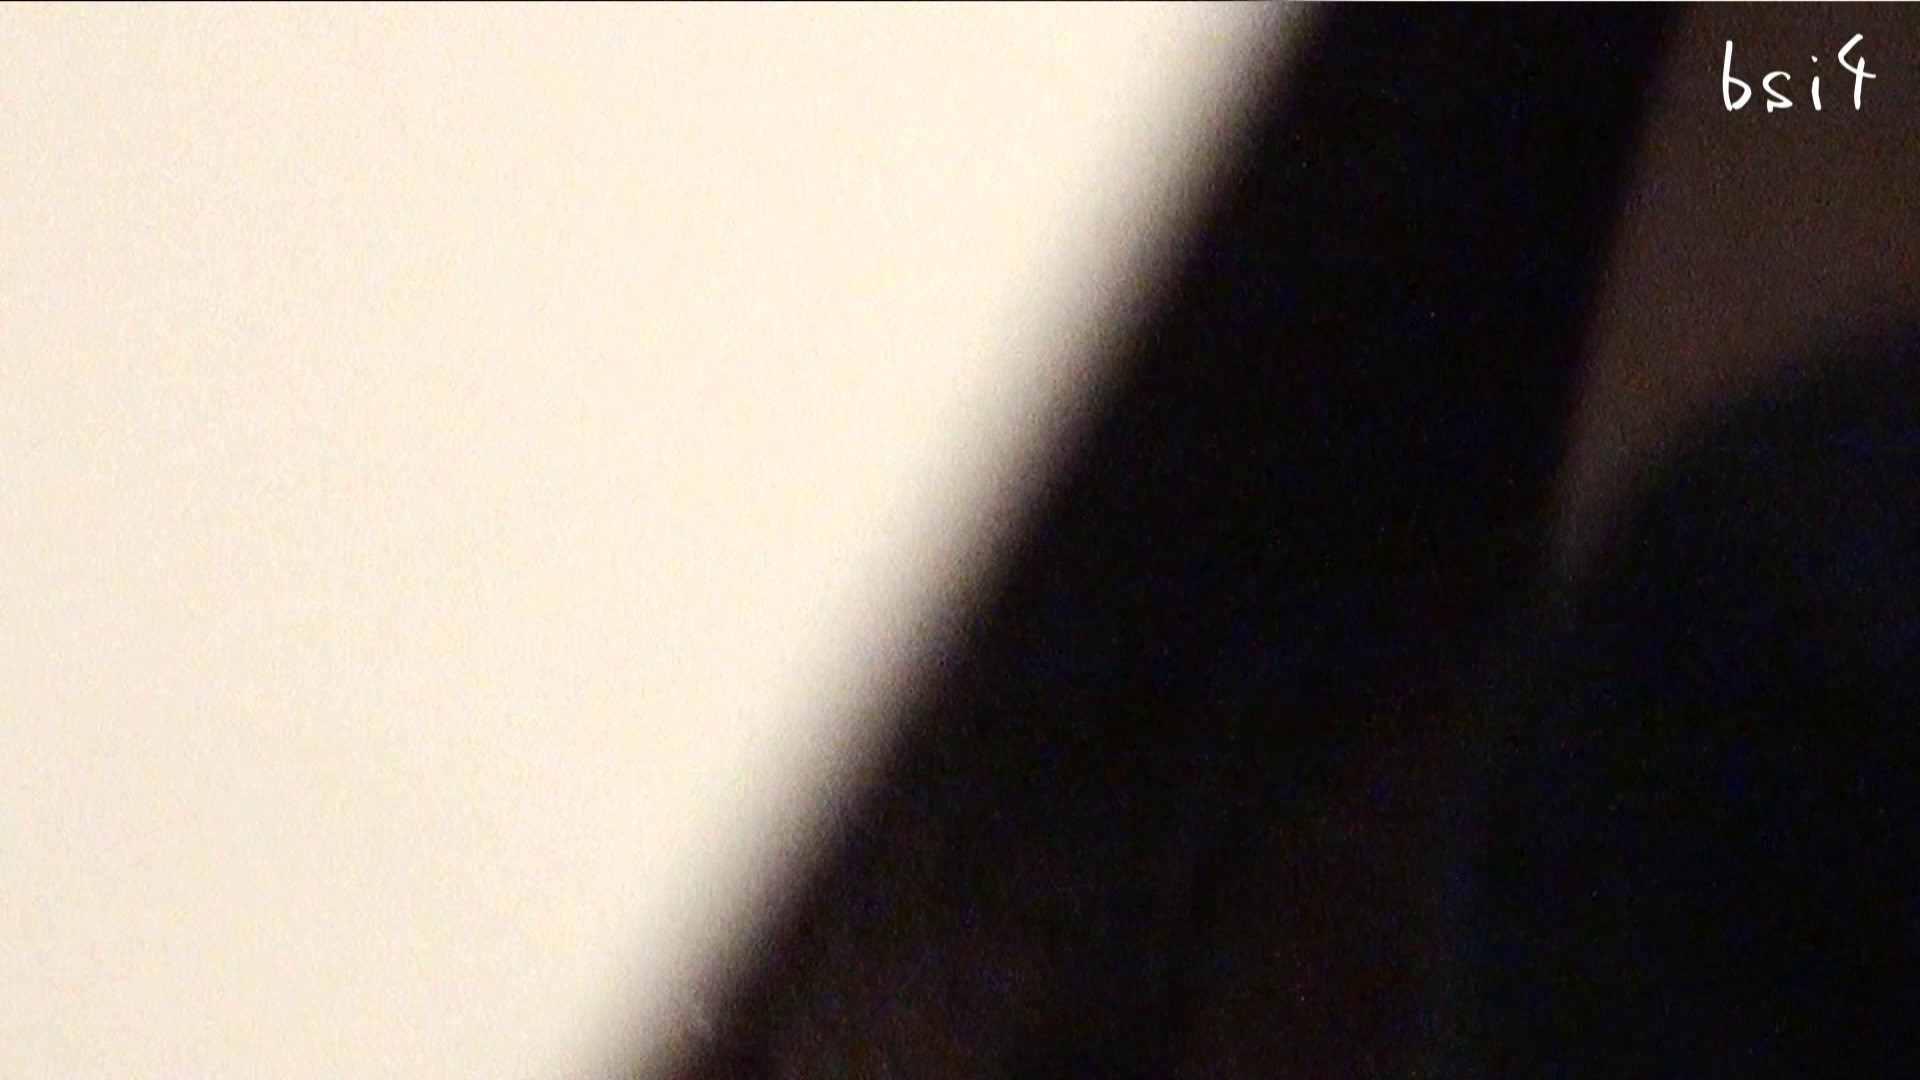 至高下半身盗撮-PREMIUM-【院内病棟編 】 vol.04 洗面所 | 盗撮  71PIX 57